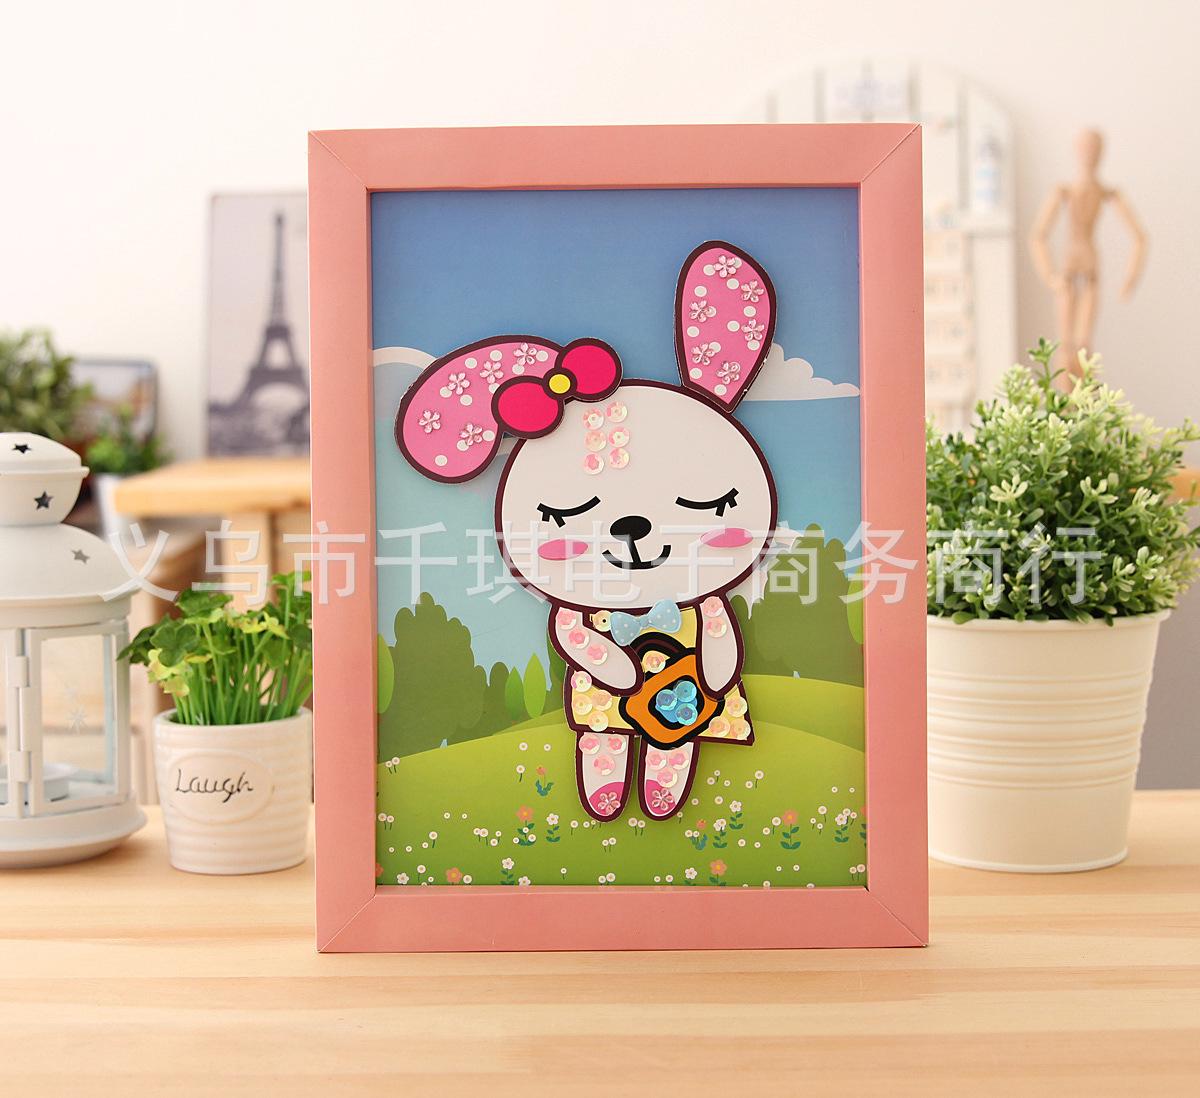 儿童diy相框立体贴画 自己动手做可爱纸质粘贴画 -价格,厂家,图